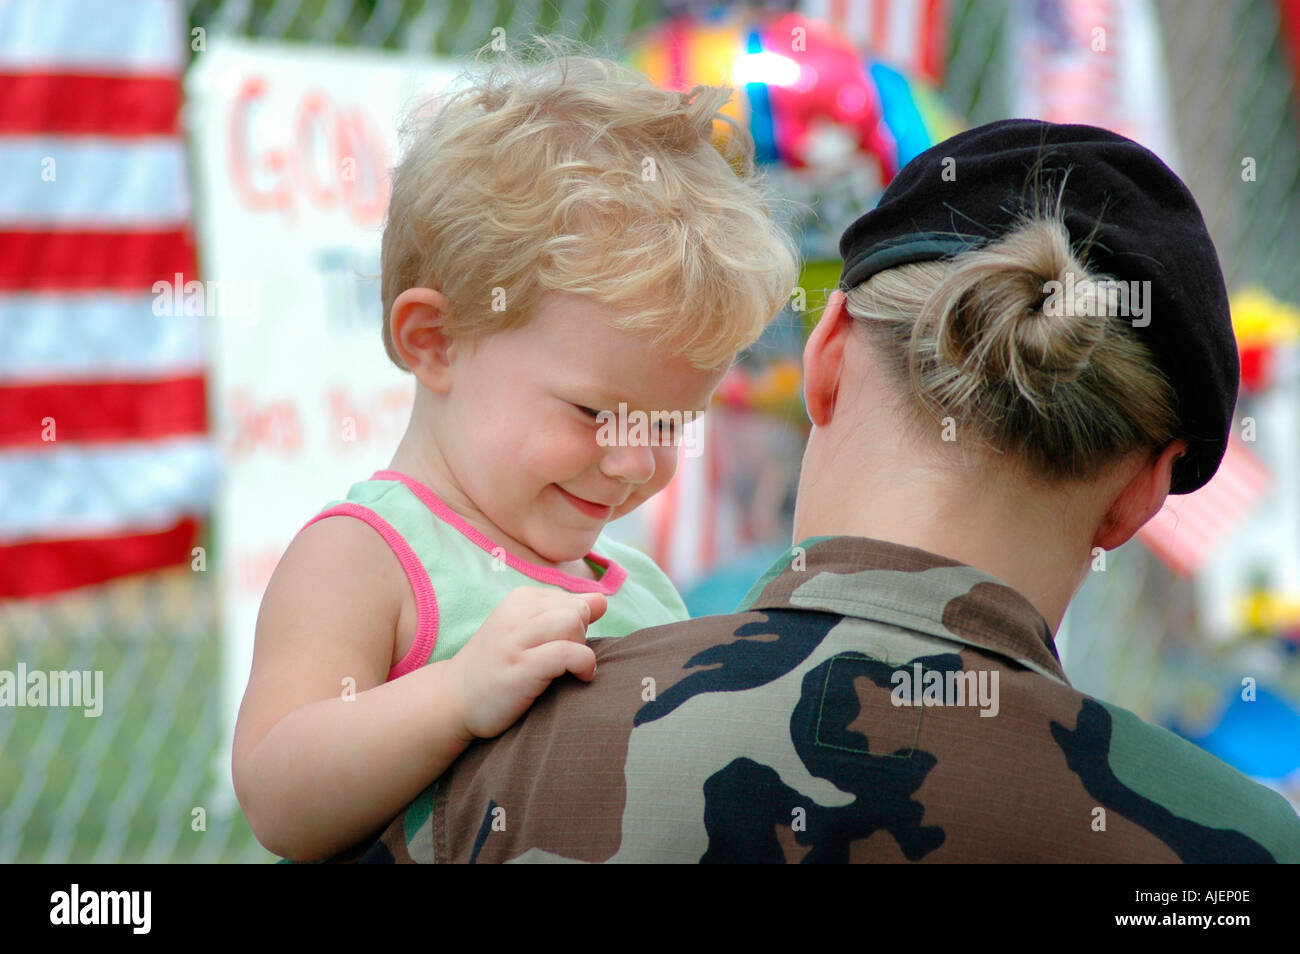 Femme Soldat à l'emplacement de mémoire de 14 Marines morts dans Brook Park dans l'Ohio avec un bébé sur le point d'aller en Irak Maman Maman Maman Photo Stock